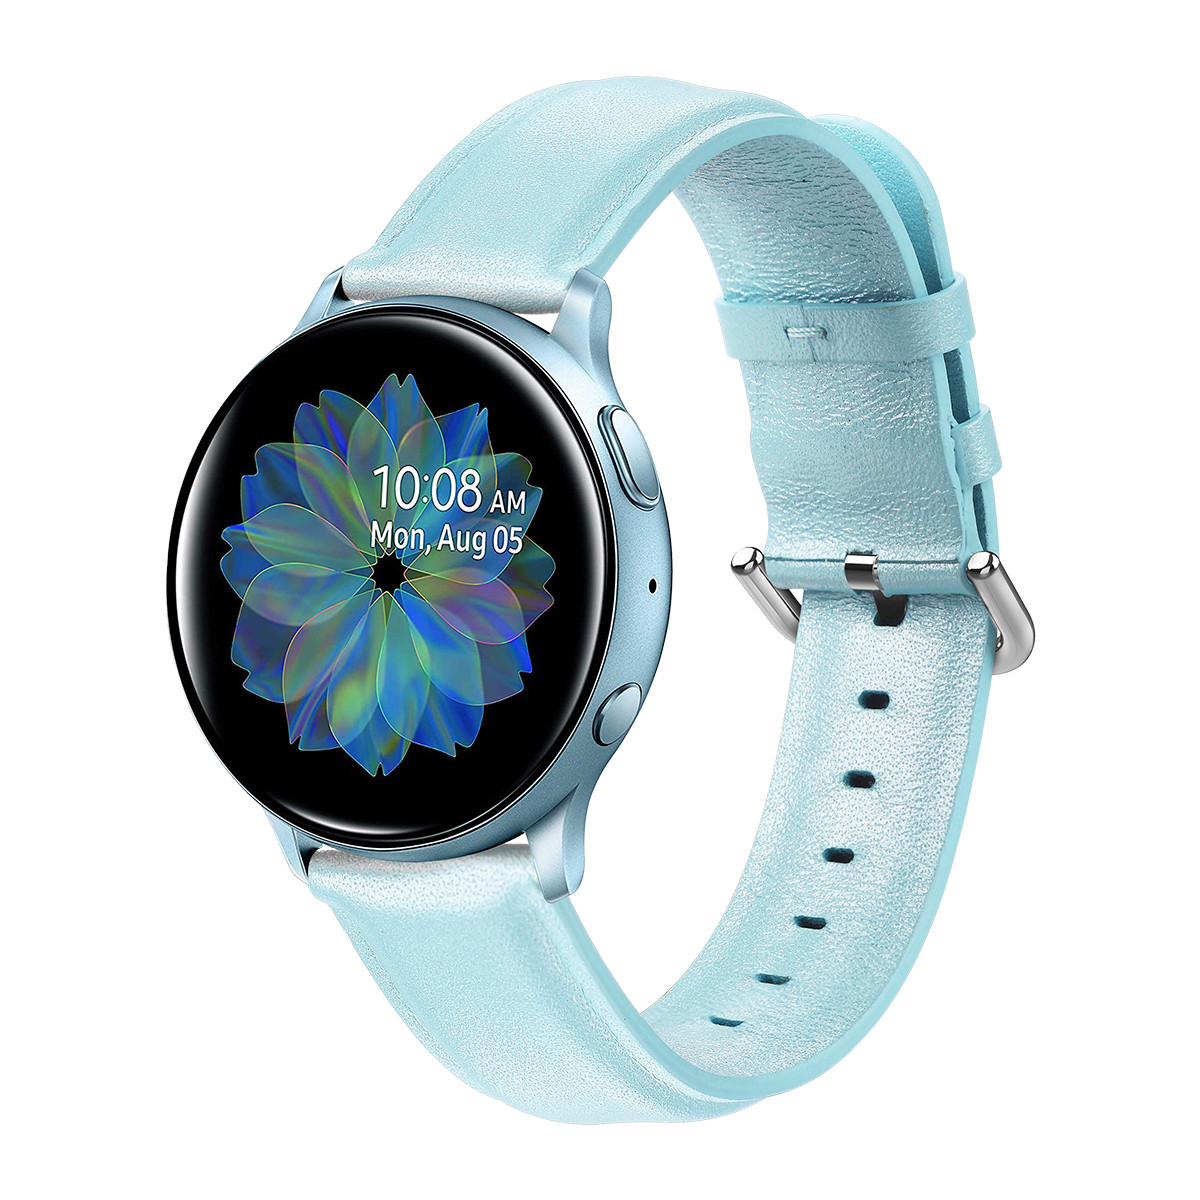 Ремешок для Samsung Active | Active 2 | Galaxy watch 42mm кожаный 20мм размер L Мятный BeWatch (1220197)